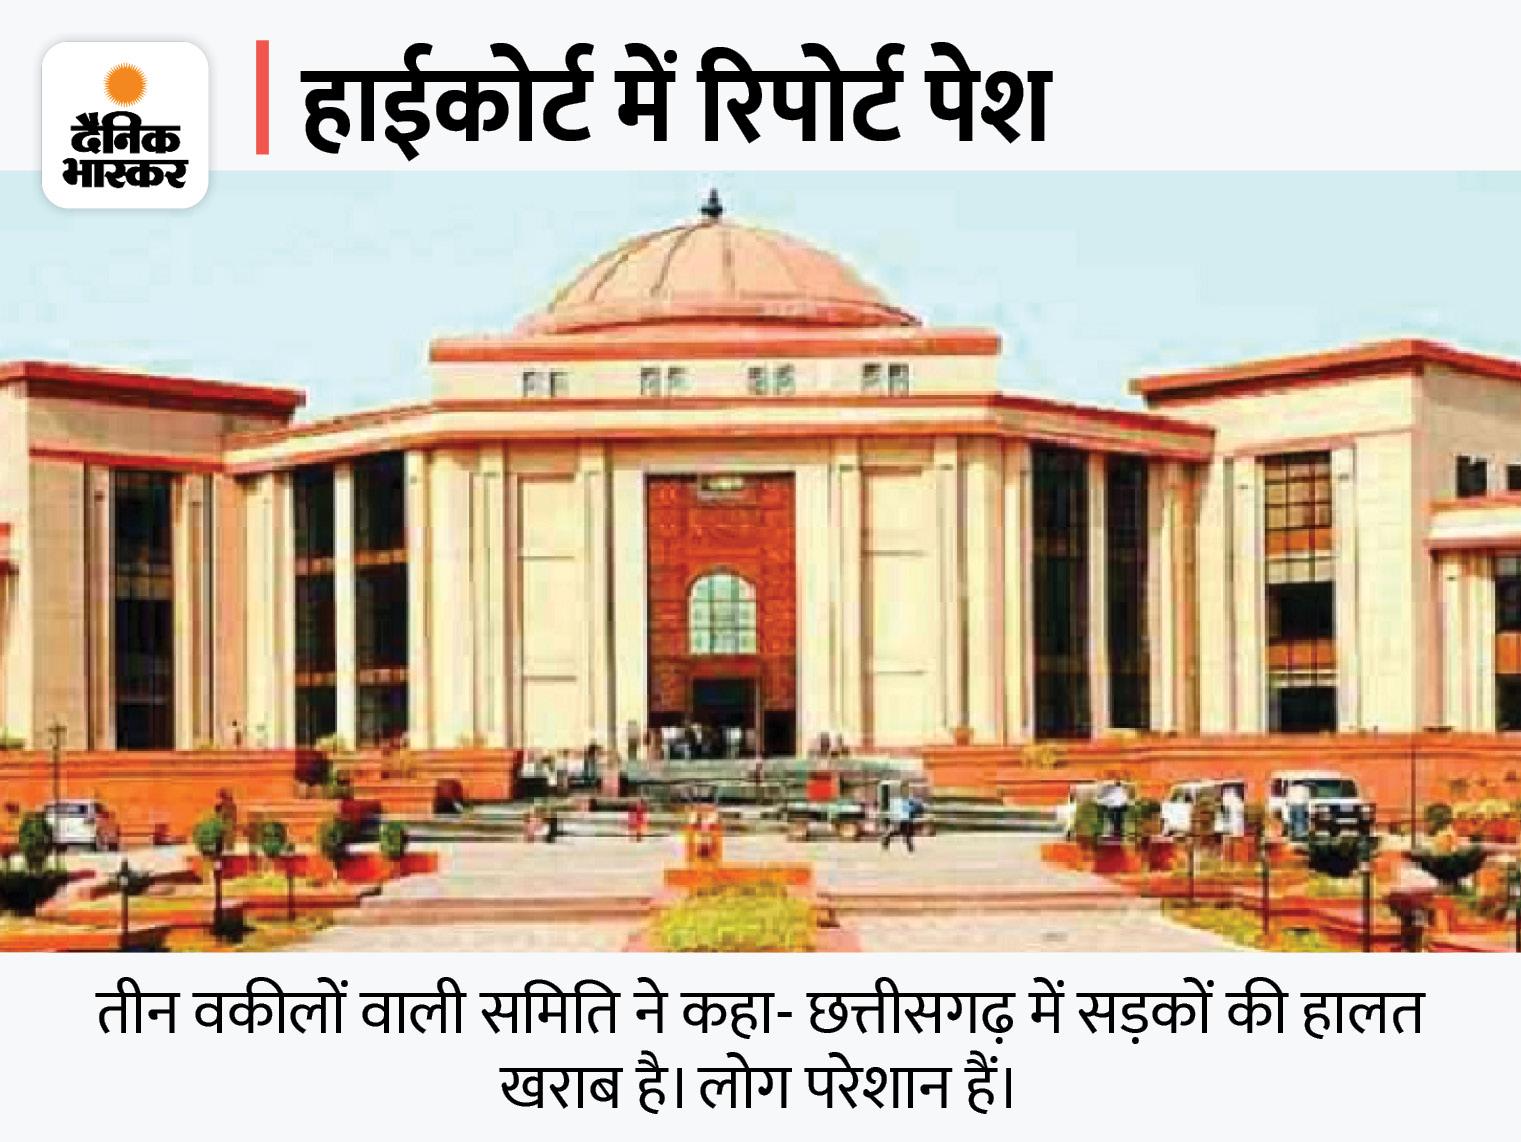 न्याय मित्र की रिपोर्ट- 5 साल से निर्माण अधूरा; राज्य सरकार ने मांगा समय, सुनवाई 28 को बिलासपुर,Bilaspur - Dainik Bhaskar